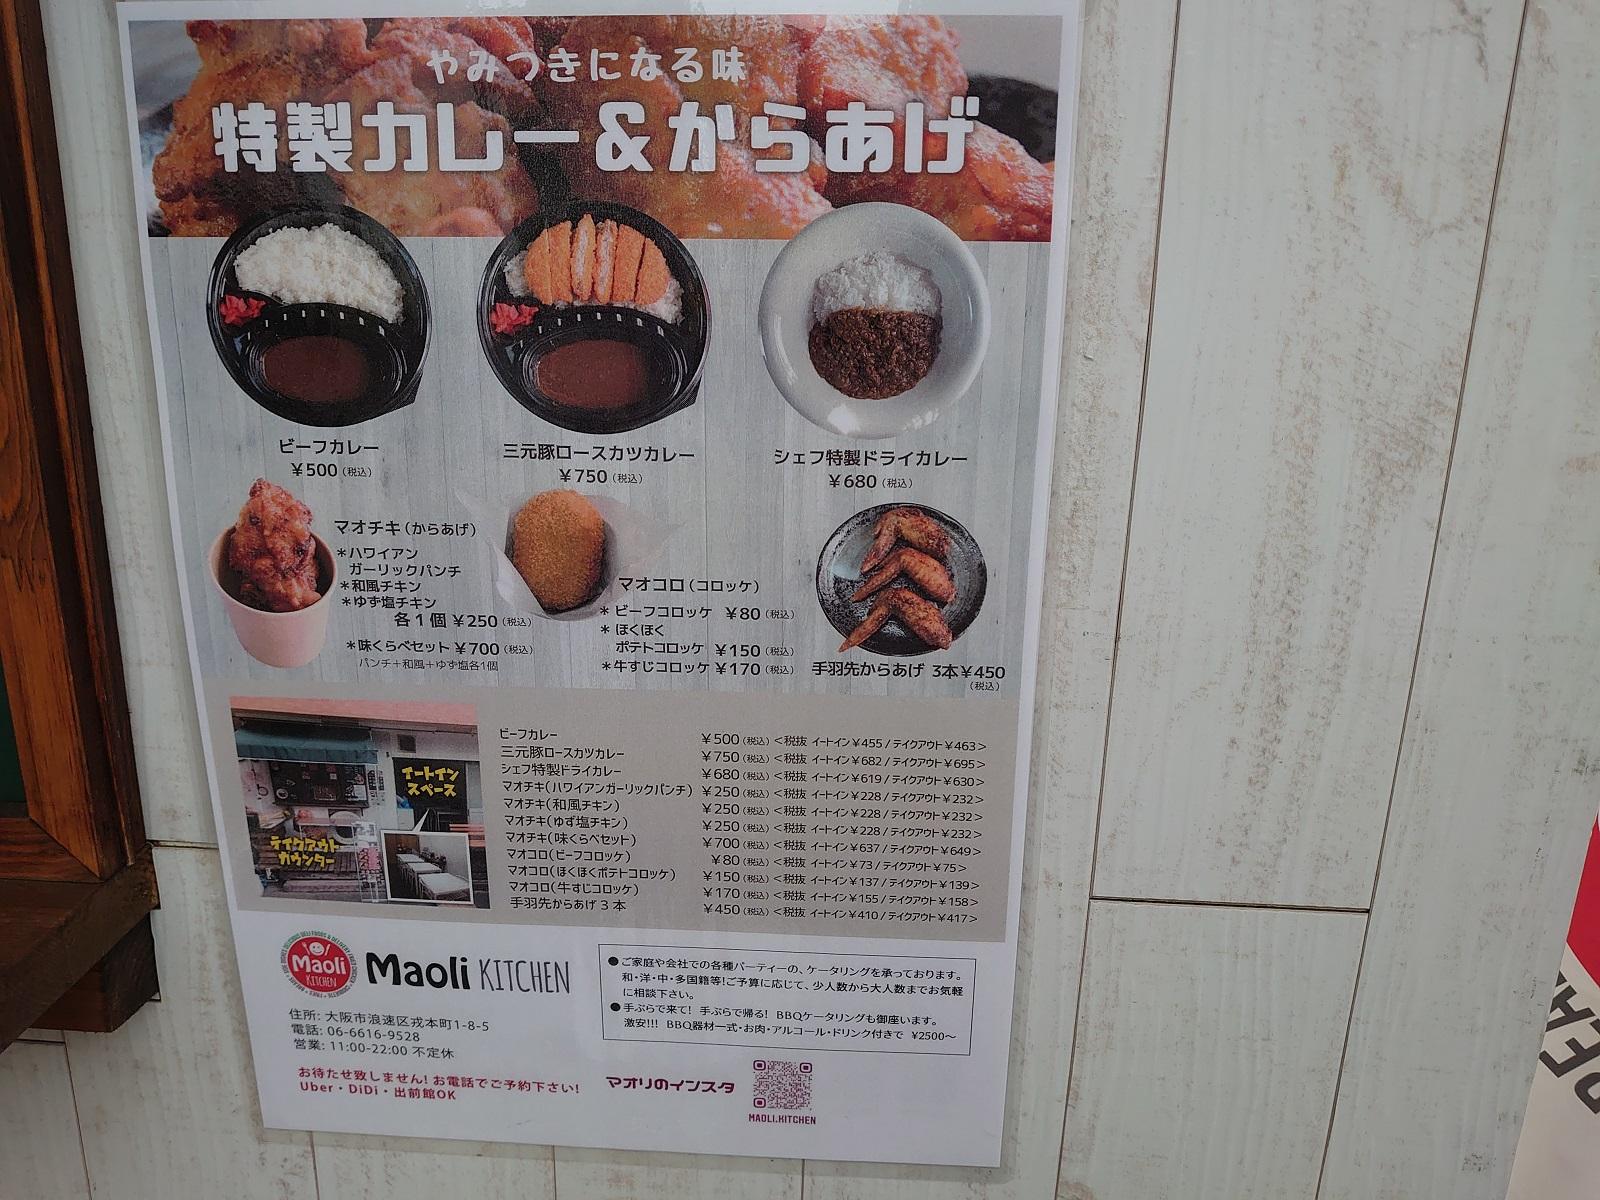 マオリキッチン:メニュー